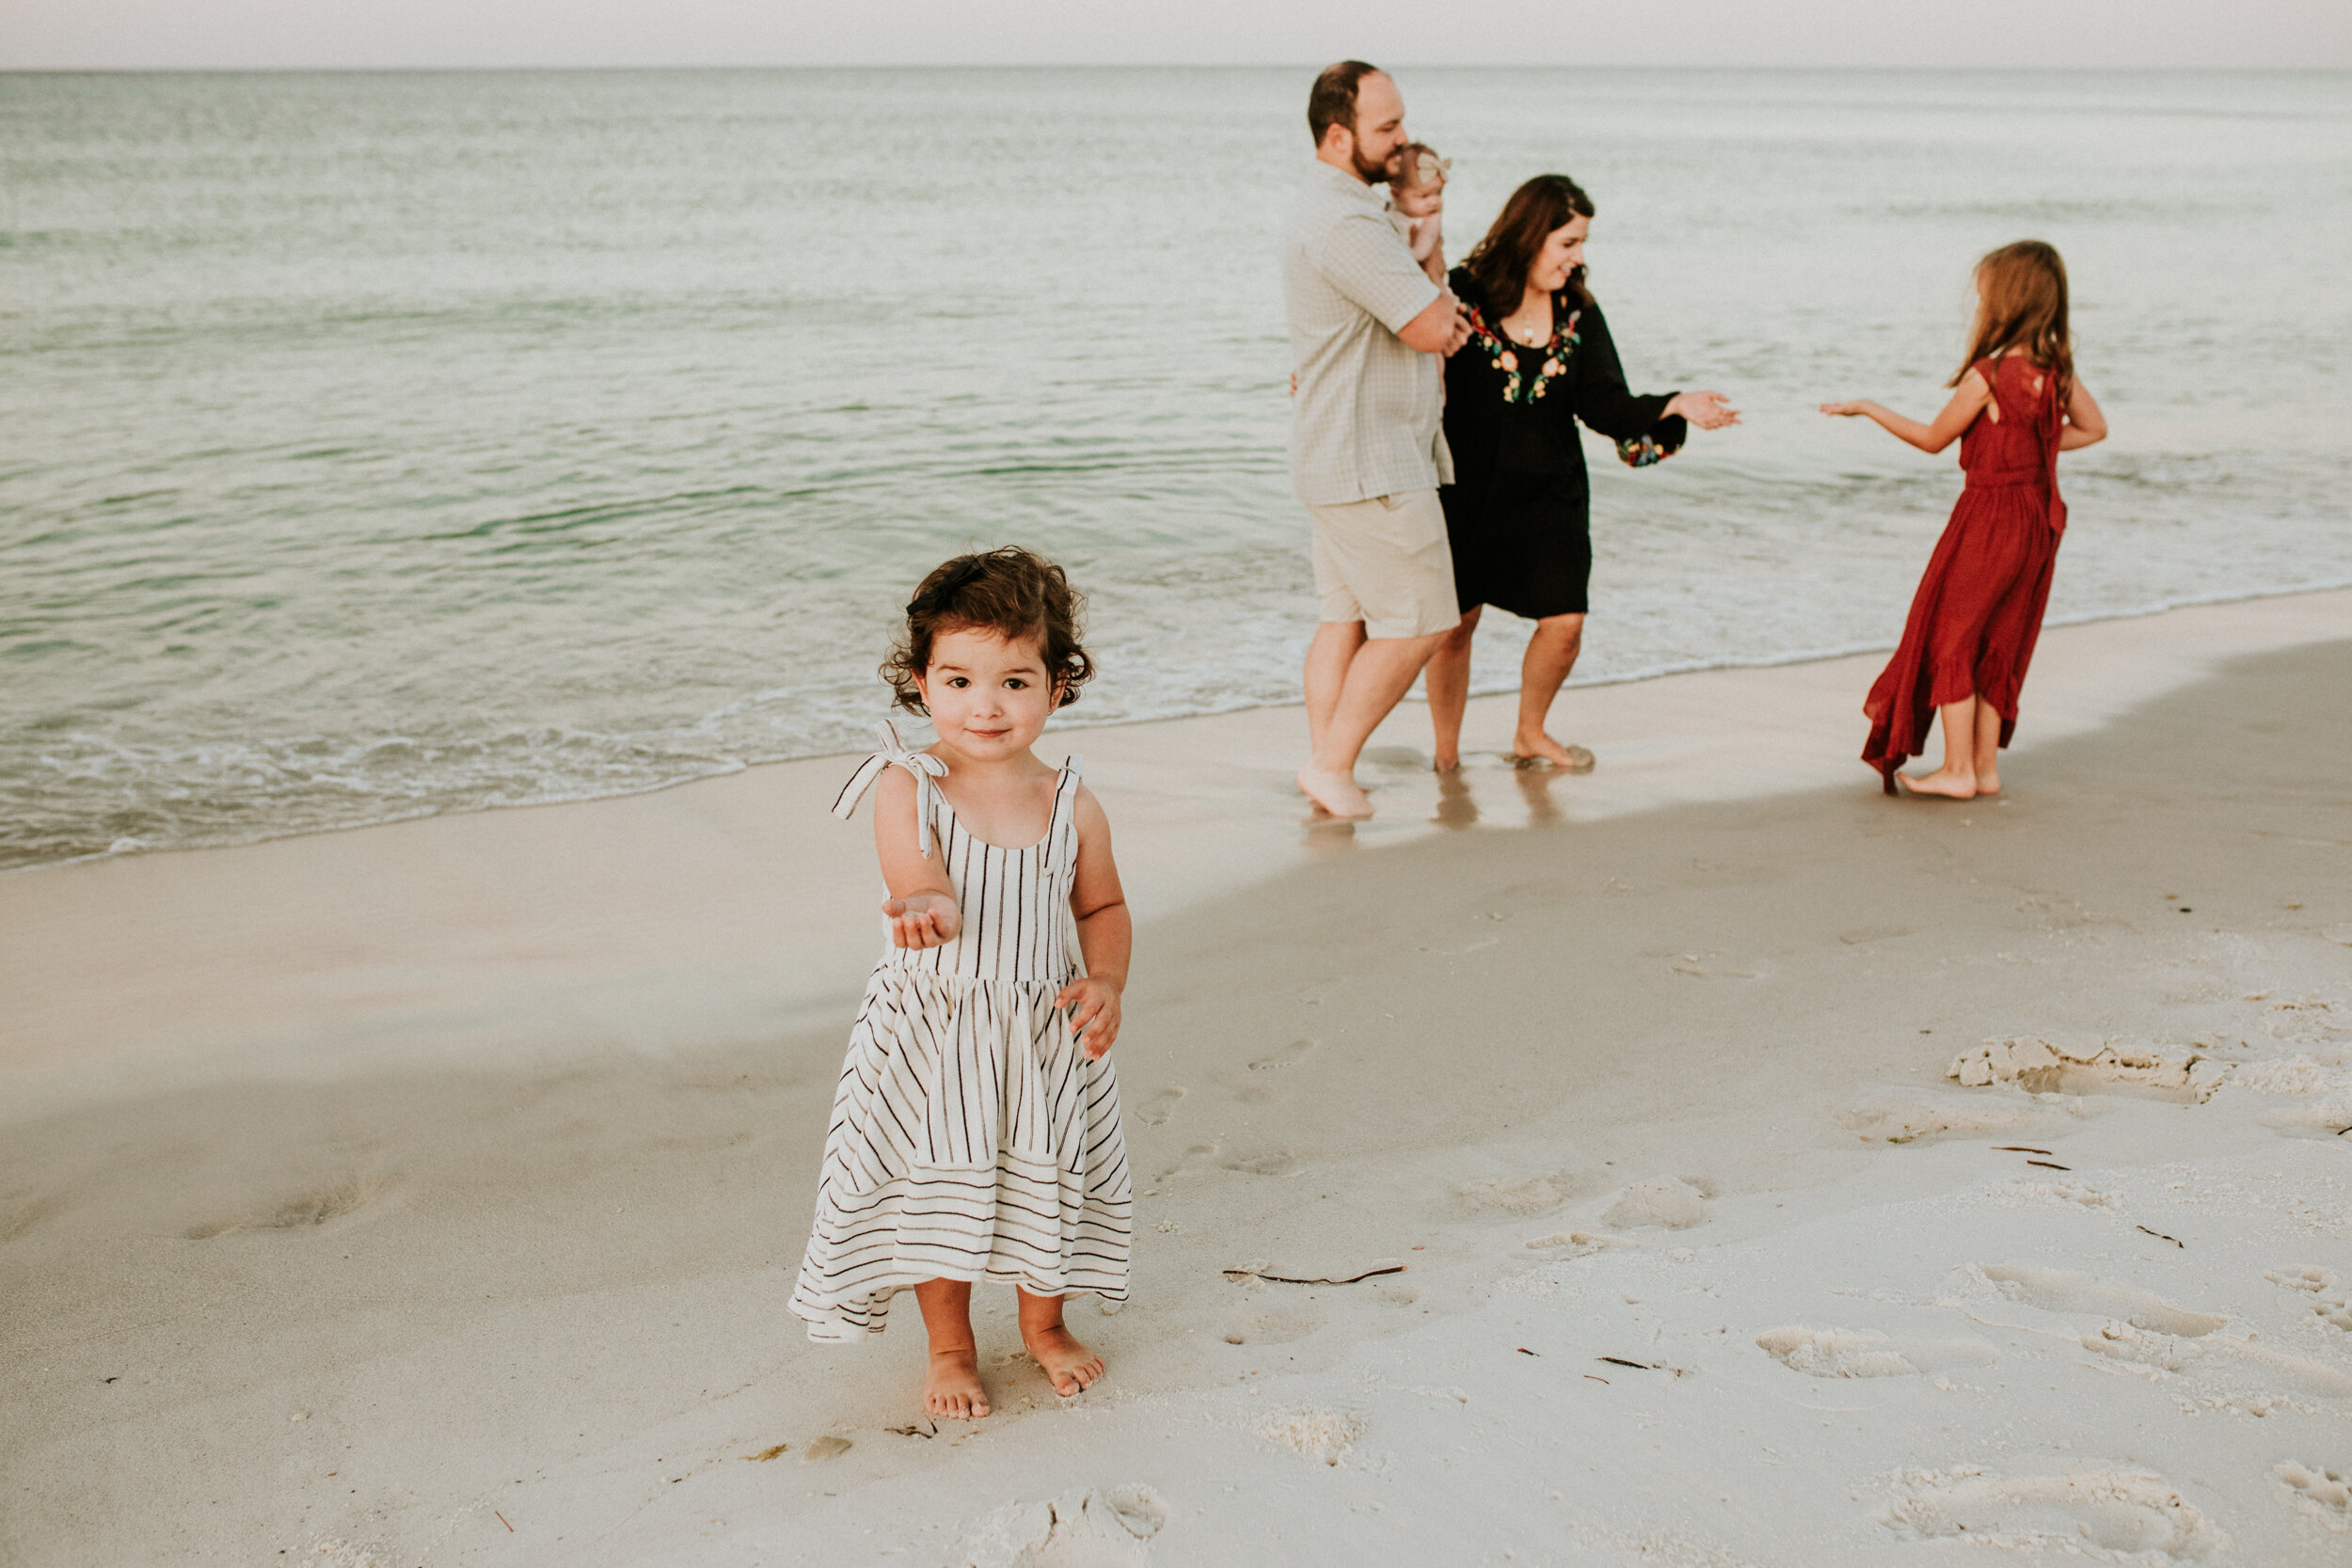 30a_Destin_Rosemary_Beach_Florida_Family_Photographer_Beach_Session-9.jpg